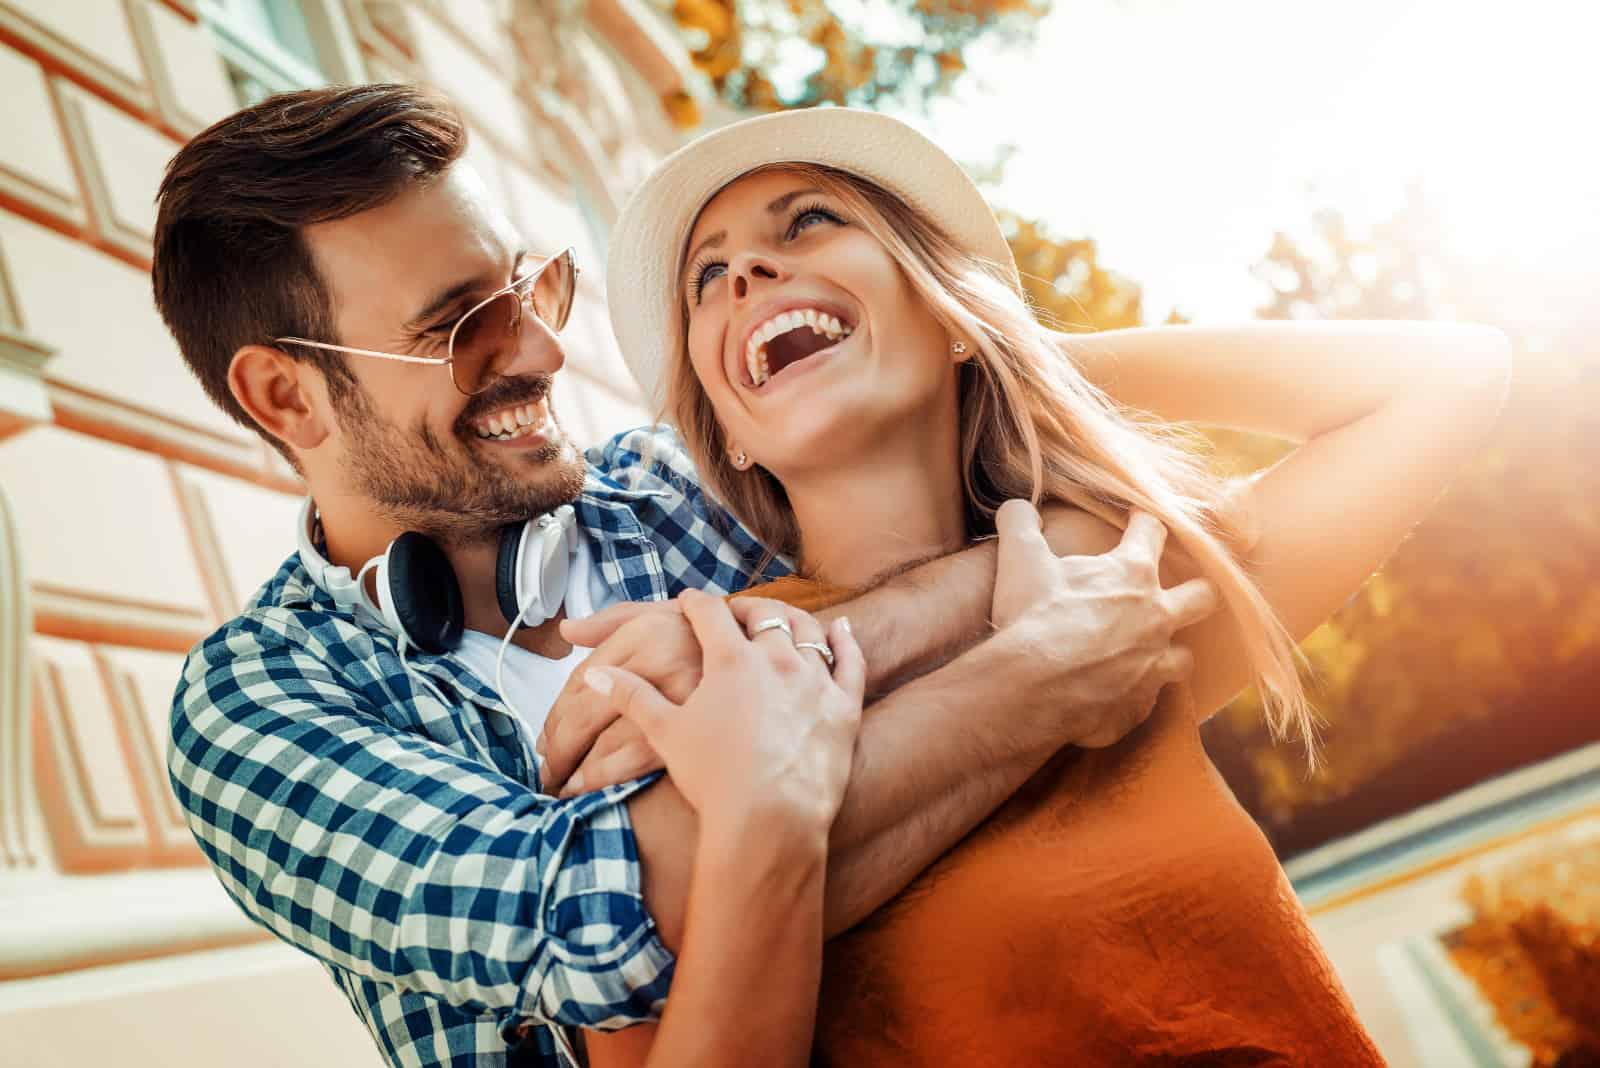 ein lächelndes Paar umarmt sich